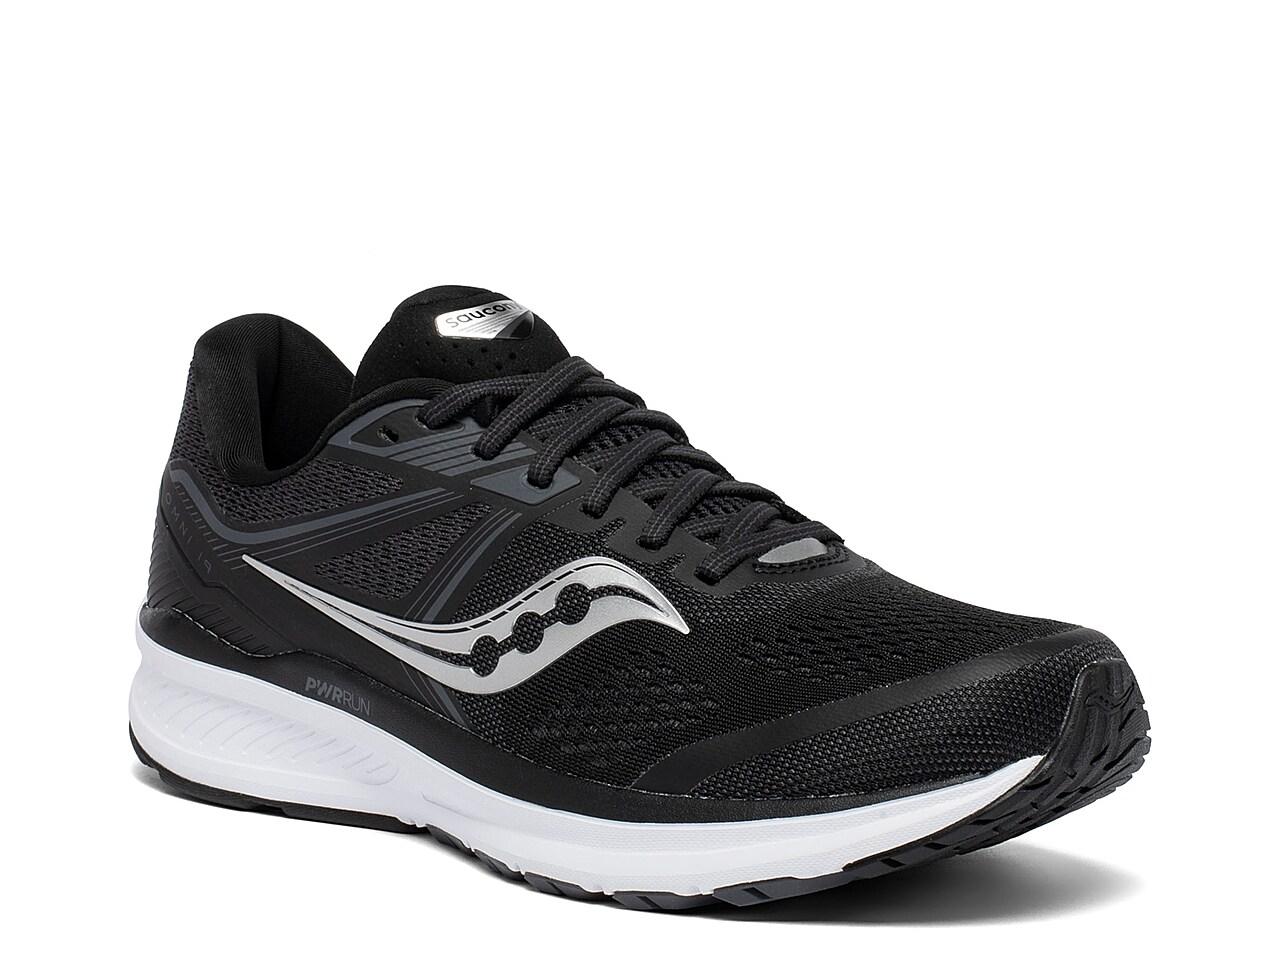 Saucony Omni 19 Running Shoe - Men's